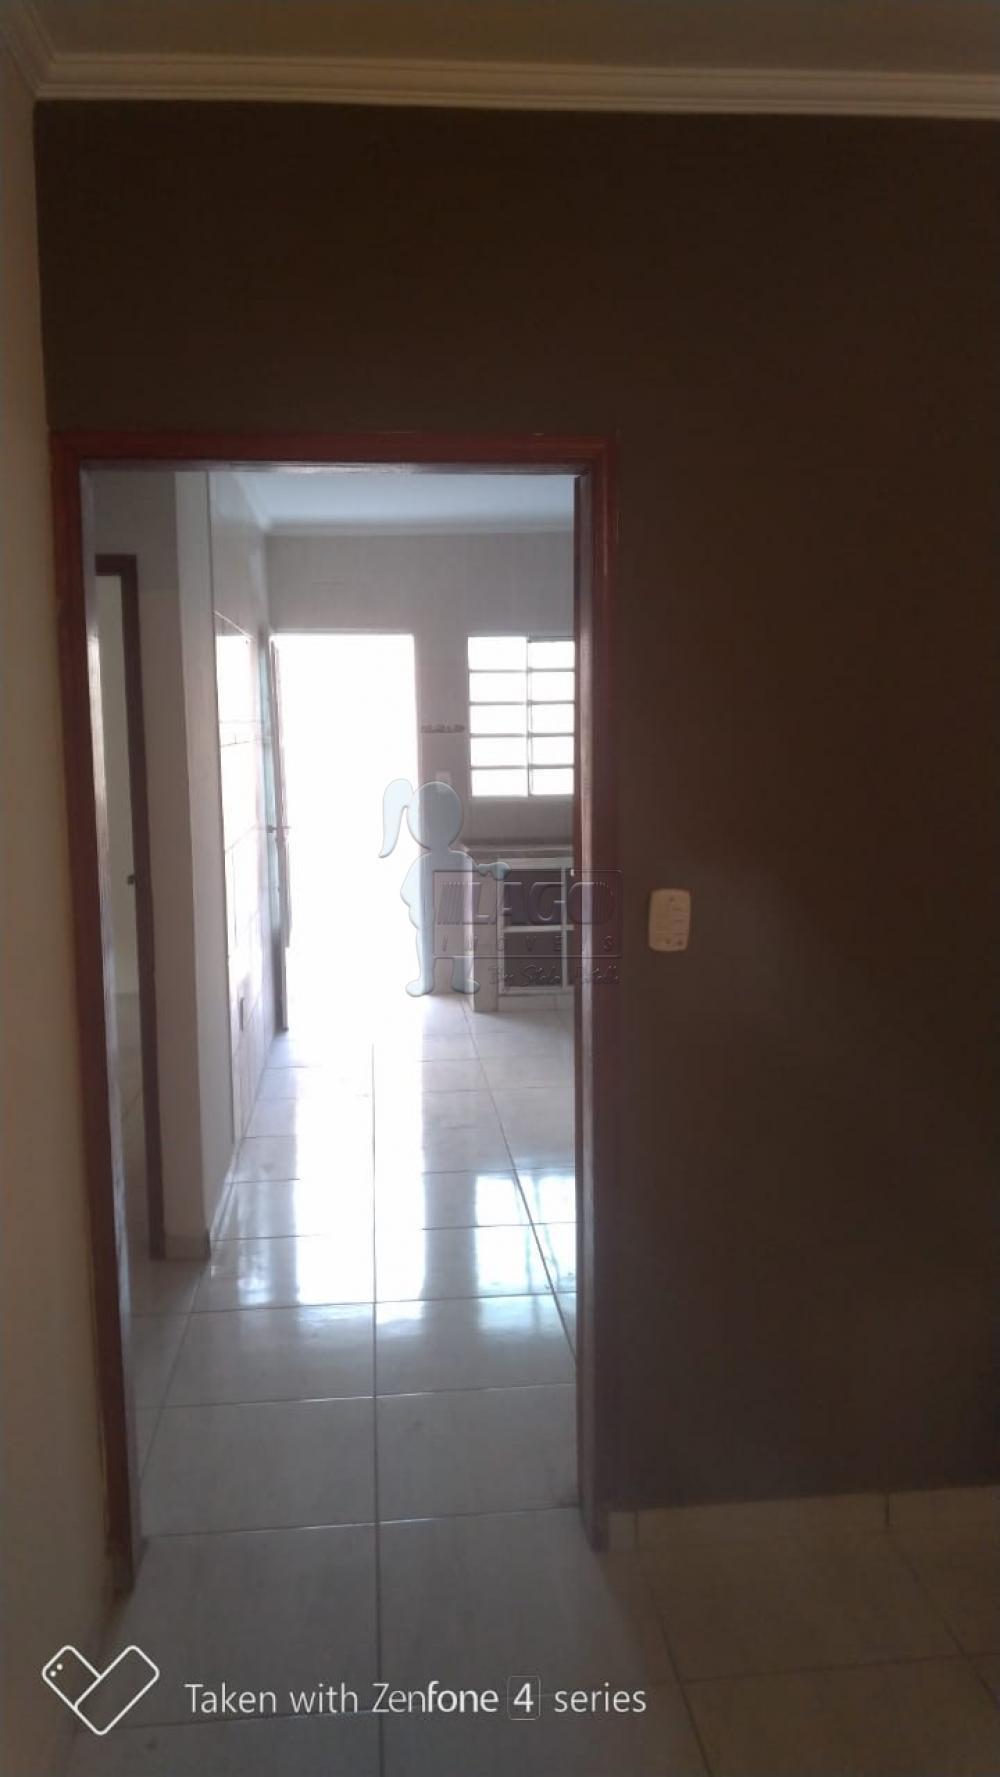 Comprar Casas / Padrão em Ribeirão Preto apenas R$ 180.000,00 - Foto 7